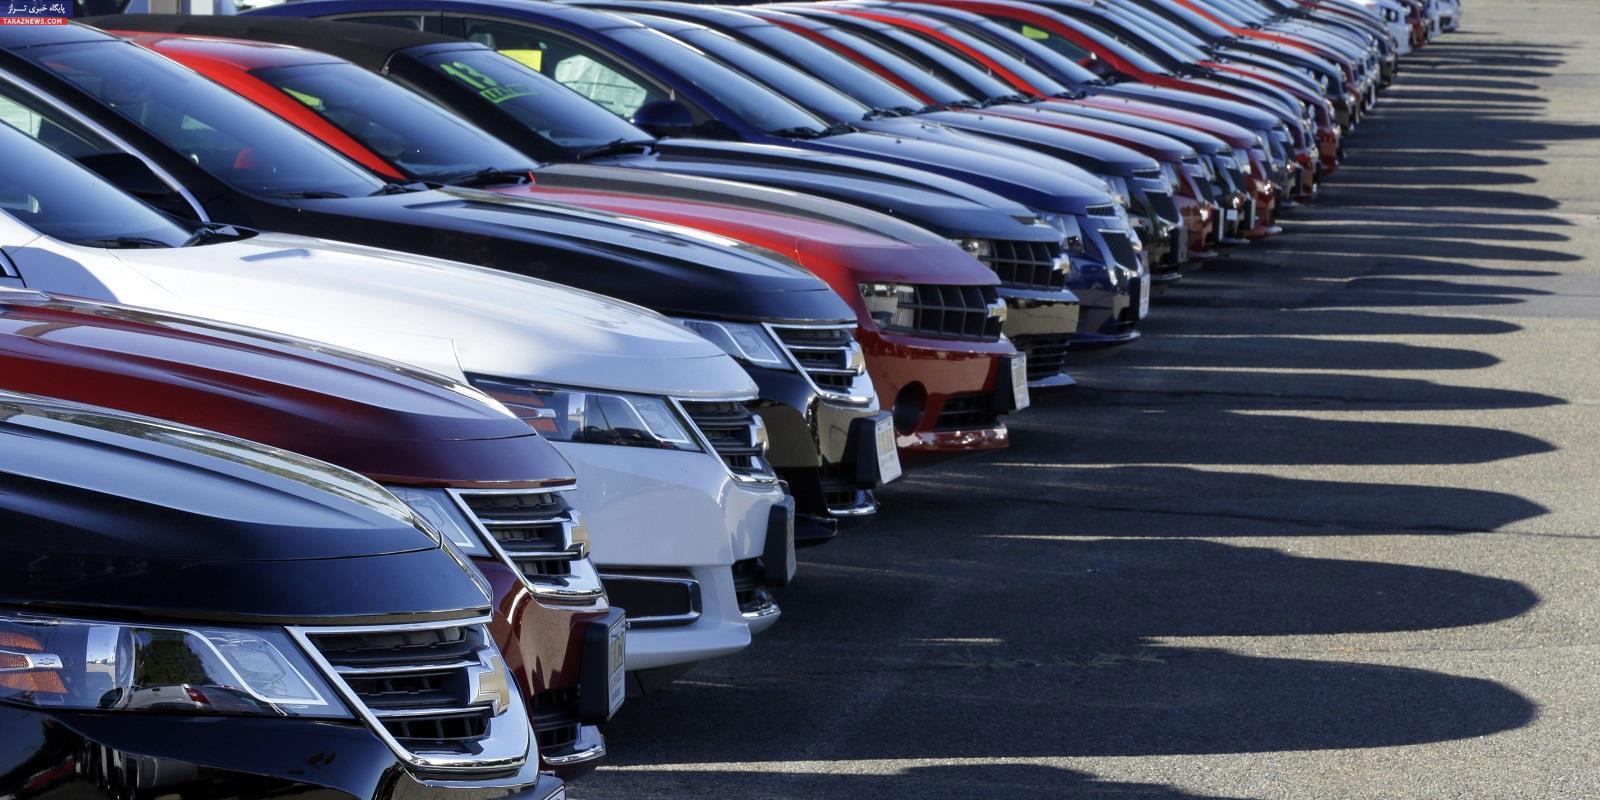 اثر کمرنگ داخلیسازی بر قیمت خودروها